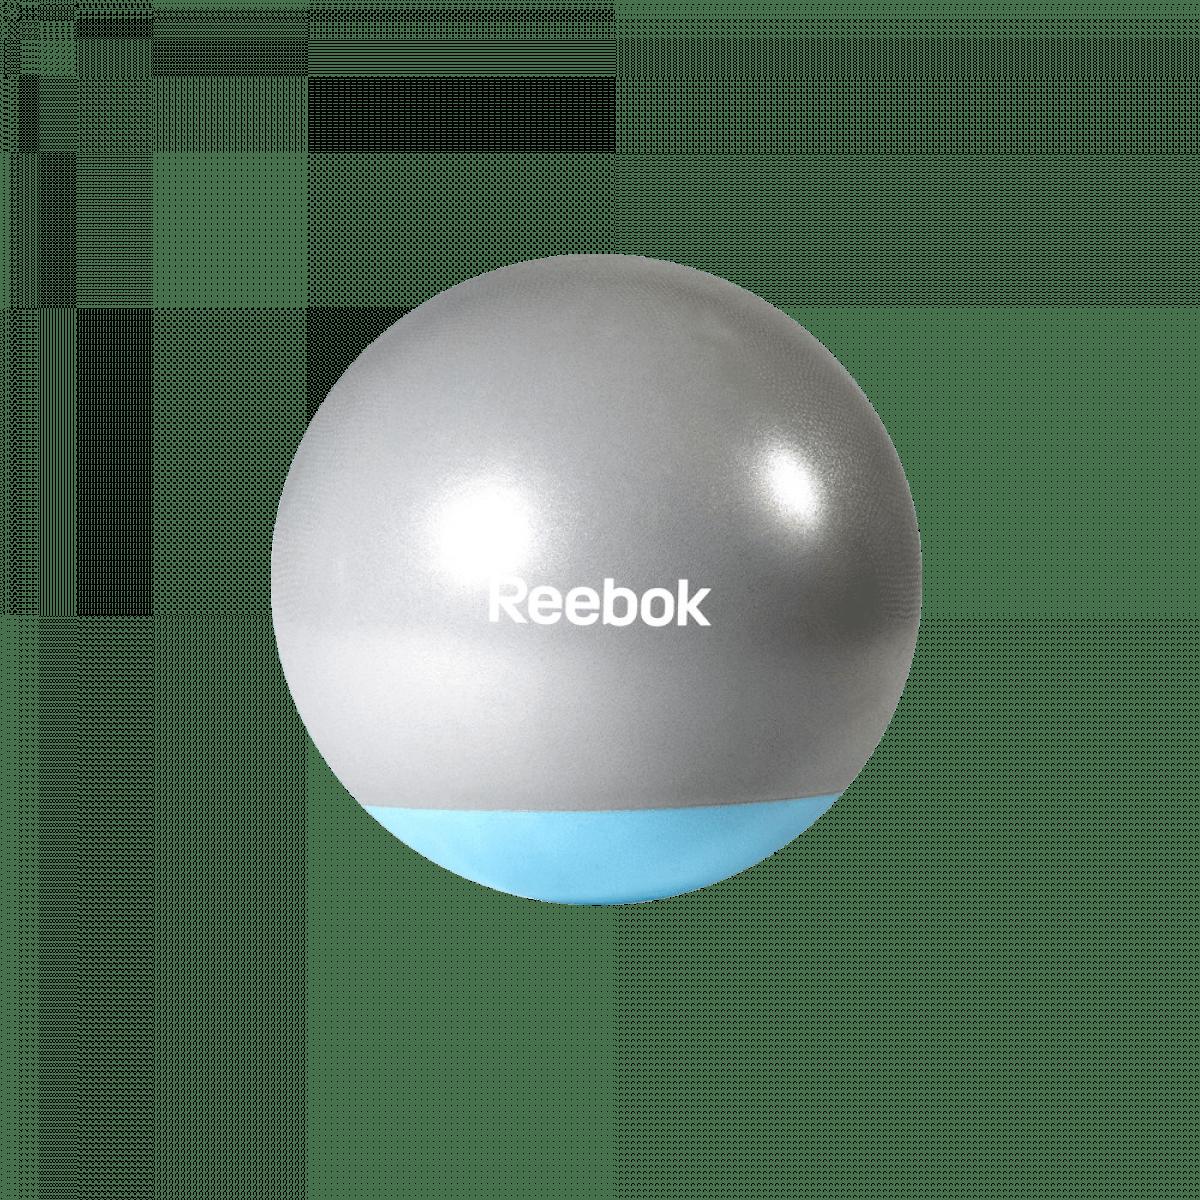 Reebok Gymnastikball aus Gummi blau und grau